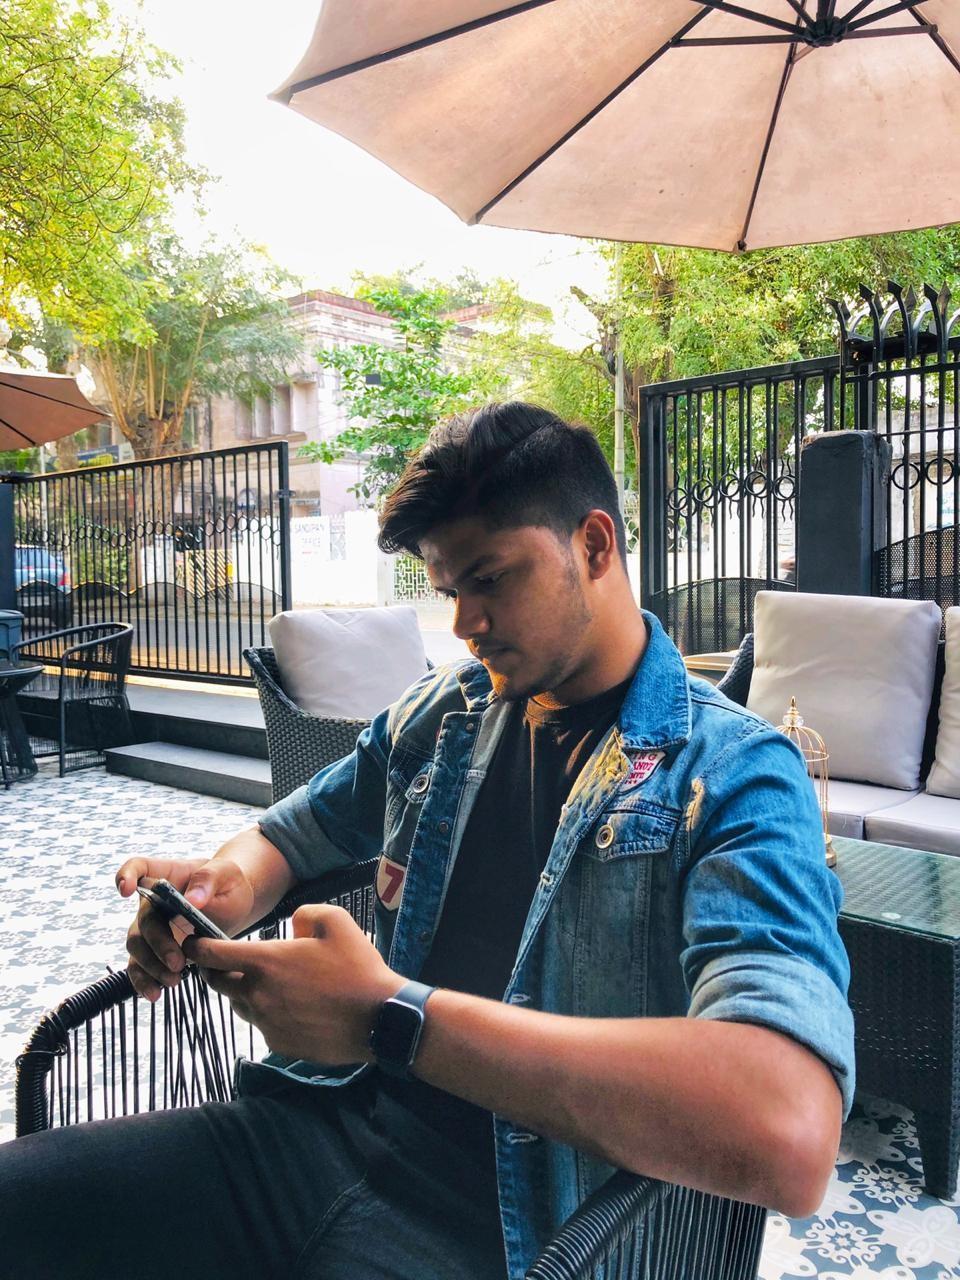 Pranav Panchbudhe